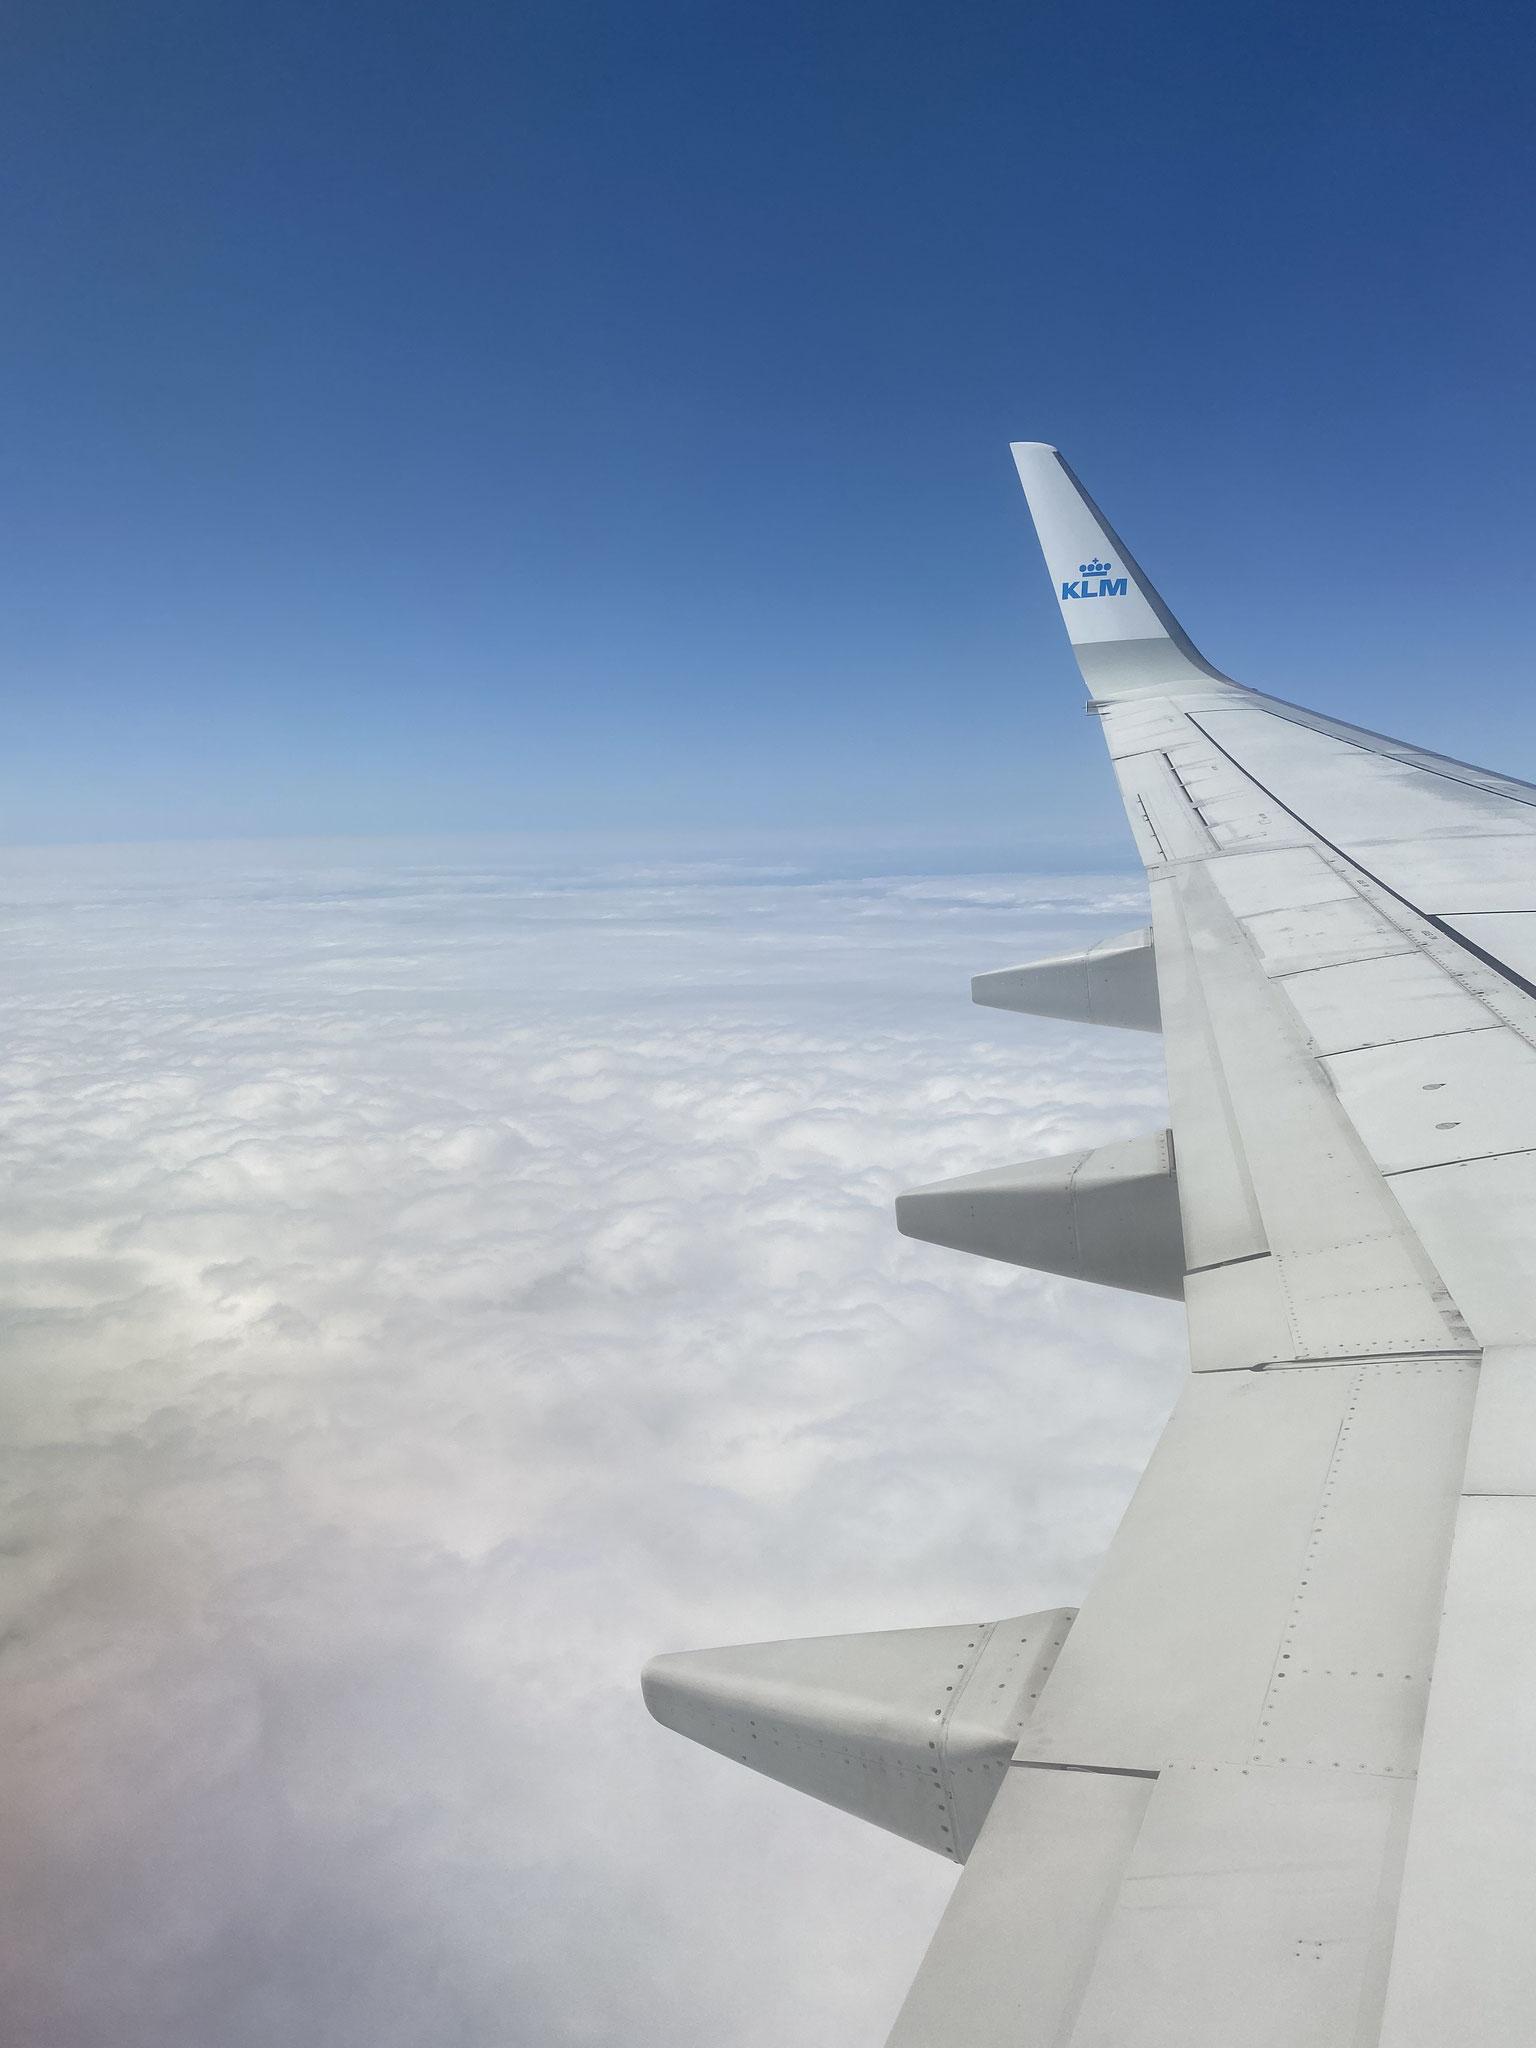 Tims Flug nach Bergen